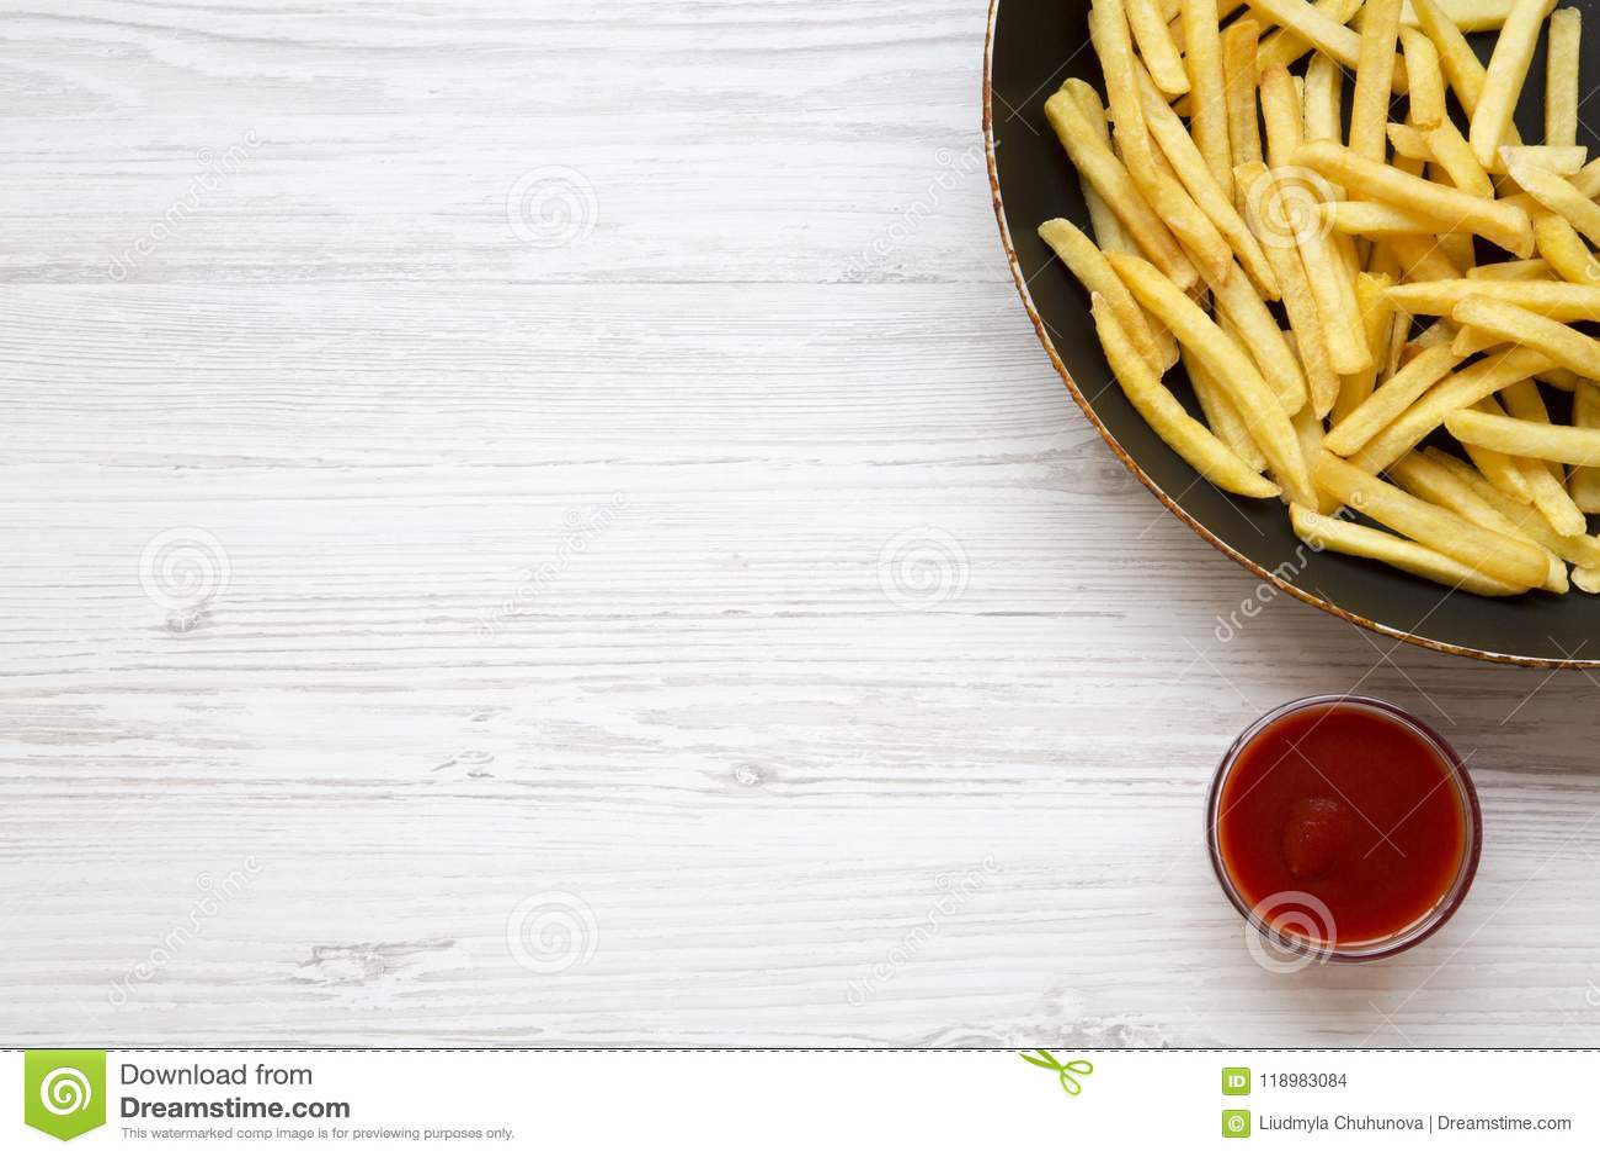 Pommes-Frites in einer Bratpfanne mit Ketschup auf einem weißen Holztisch, Draufsicht